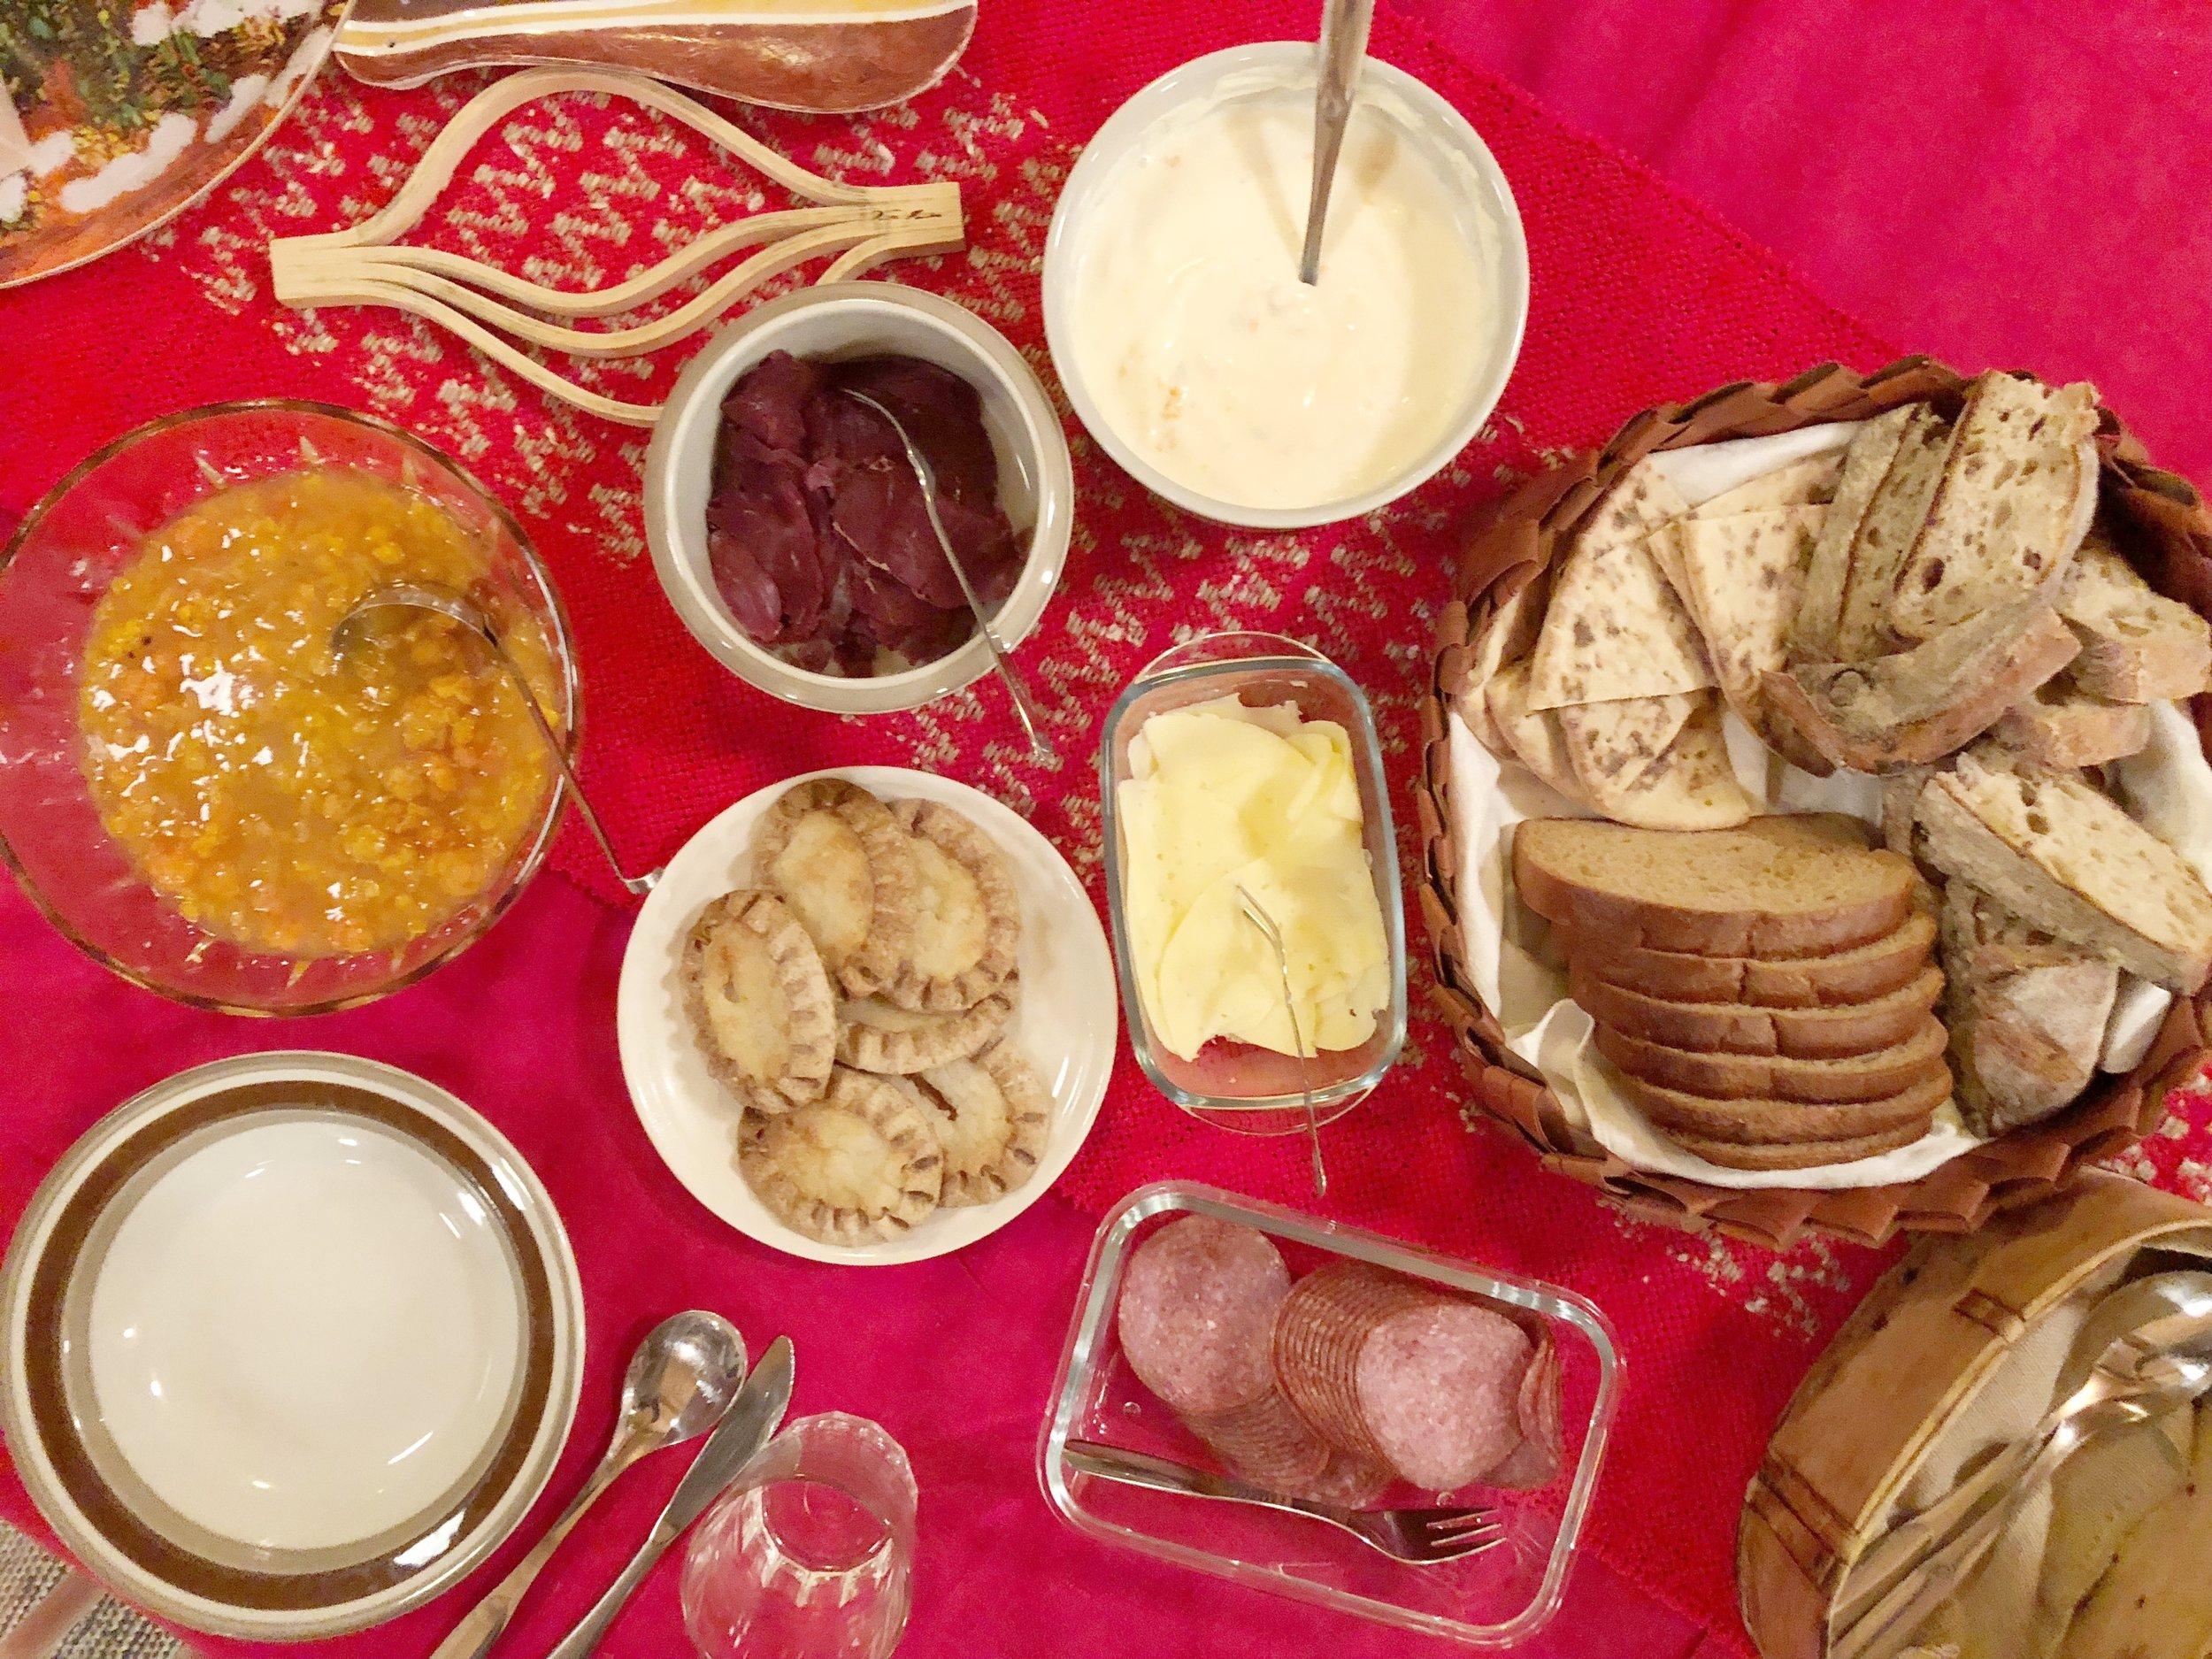 """之前已经在 Rovaniemi 的酒店早餐吃过闻名已久的 Karelian Pasty,咬感像我们的""""咸煎饼"""",外酥,内馅是糯米,但没有咸煎饼那么咸香,而是西式烘焙的味道。同样是说不出的滋味~过后回到 Rovaniemi 我都一直在超市找这食物,用作自备早餐的食材。"""